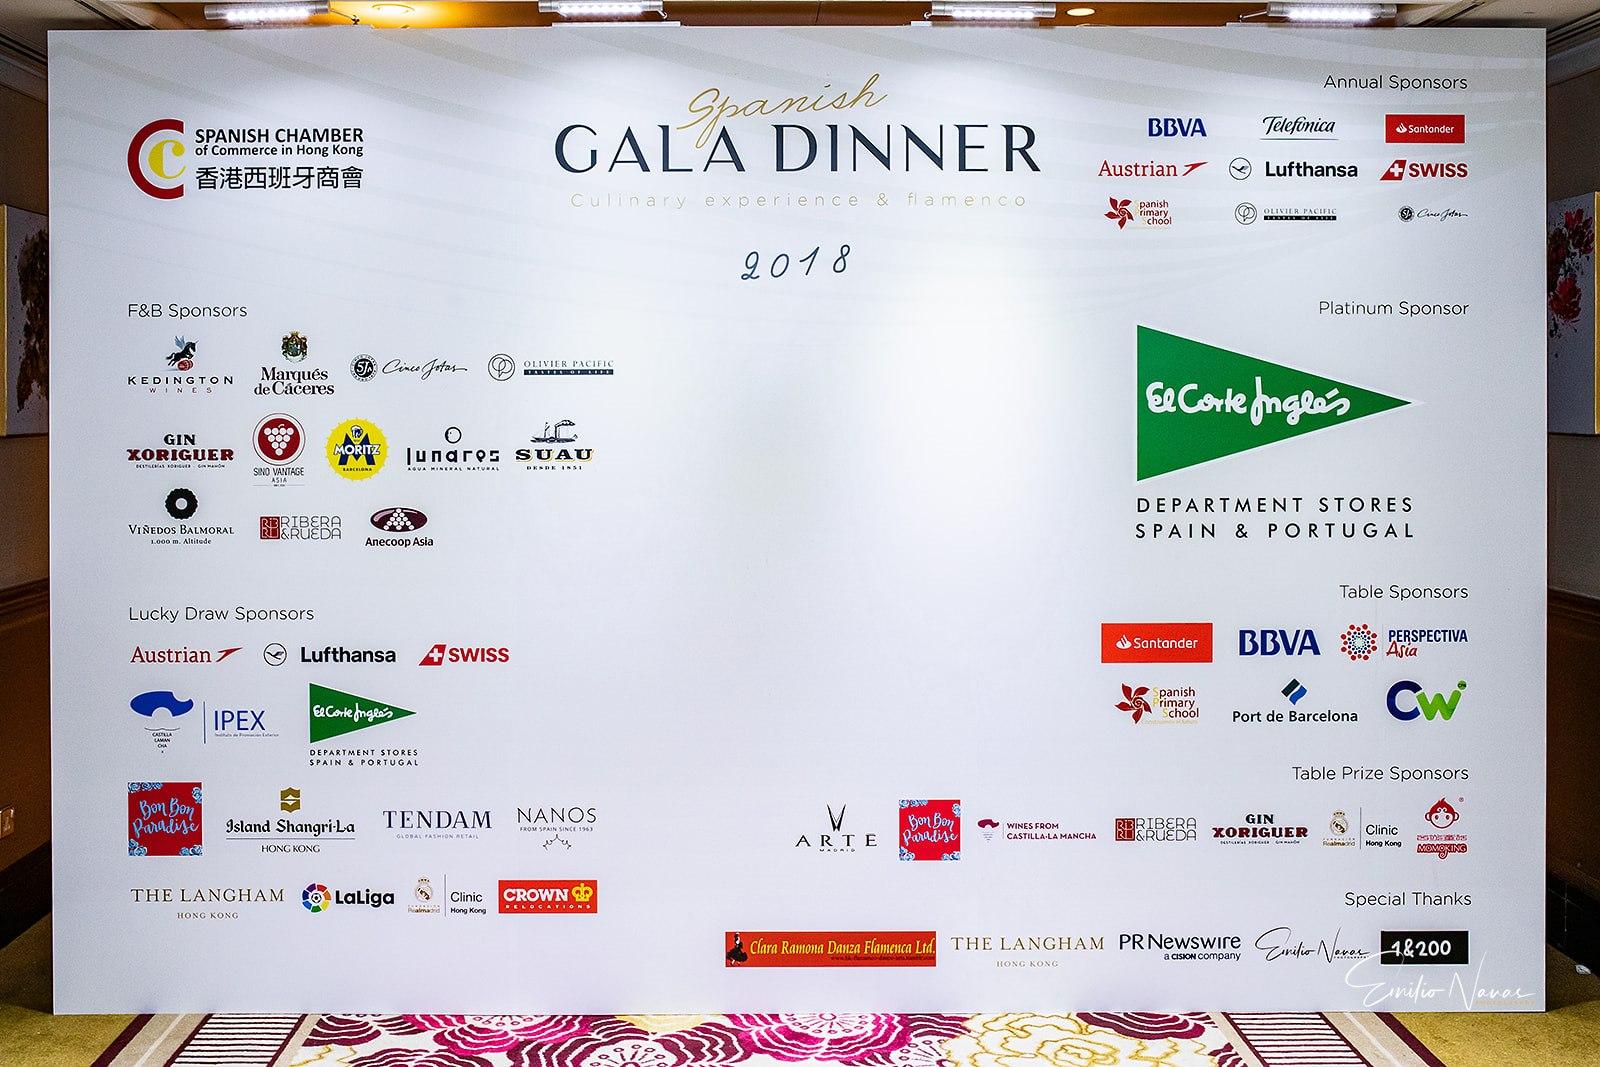 Spanish Gala Dinner 2018 sponsors